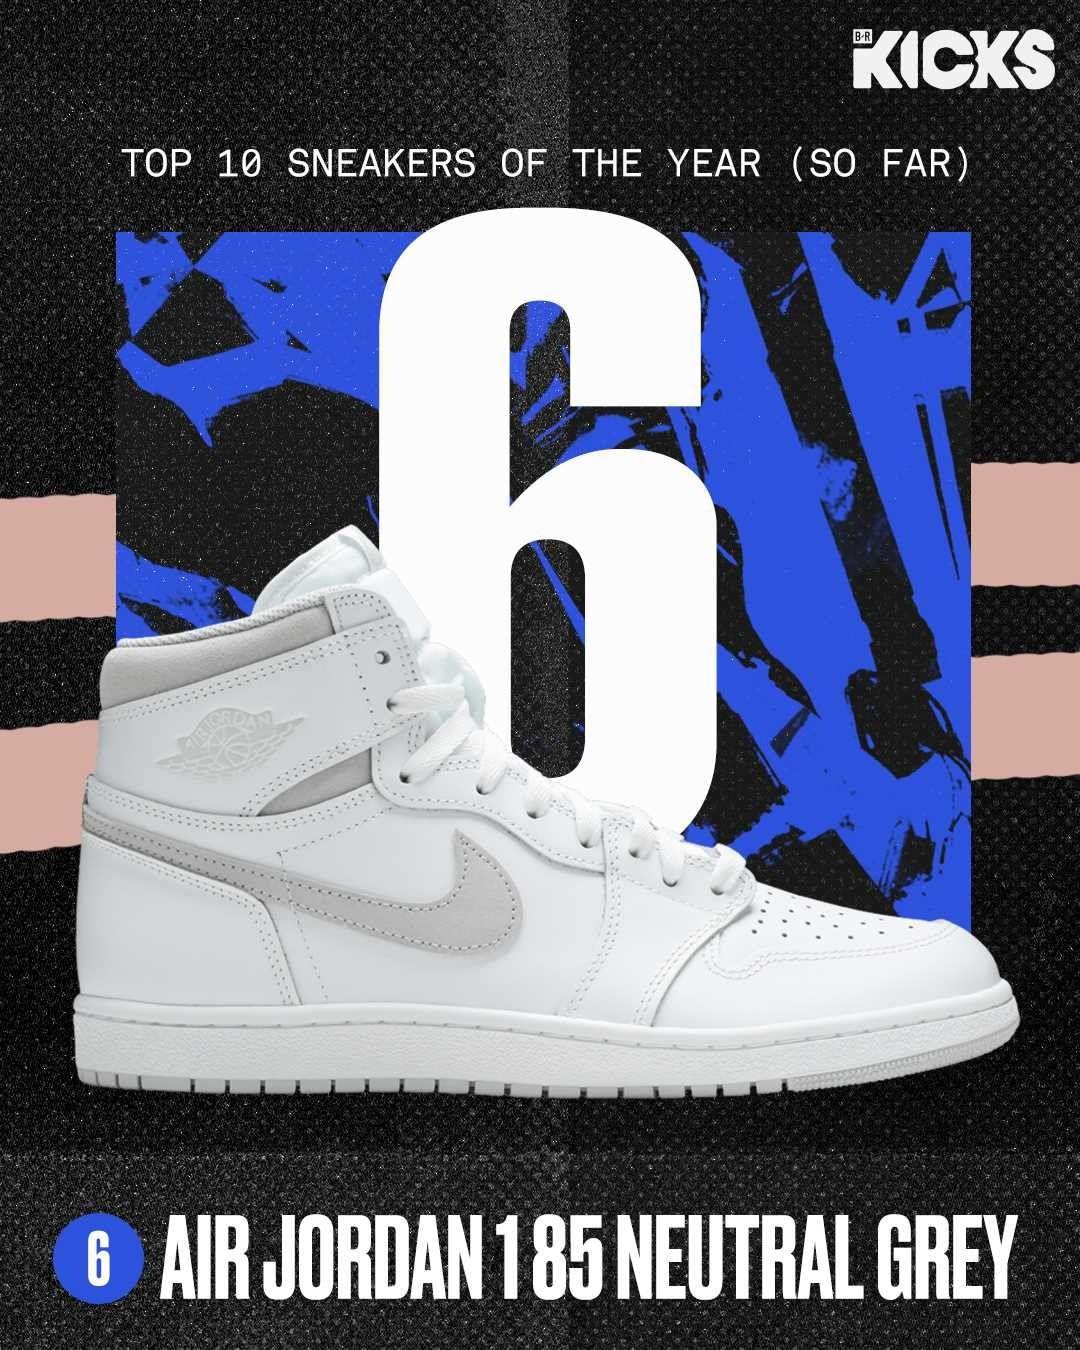 BR,Nike,adidas  上半年「十佳球鞋」!实战鞋都能入选?第一名让冠希哭笑不得...